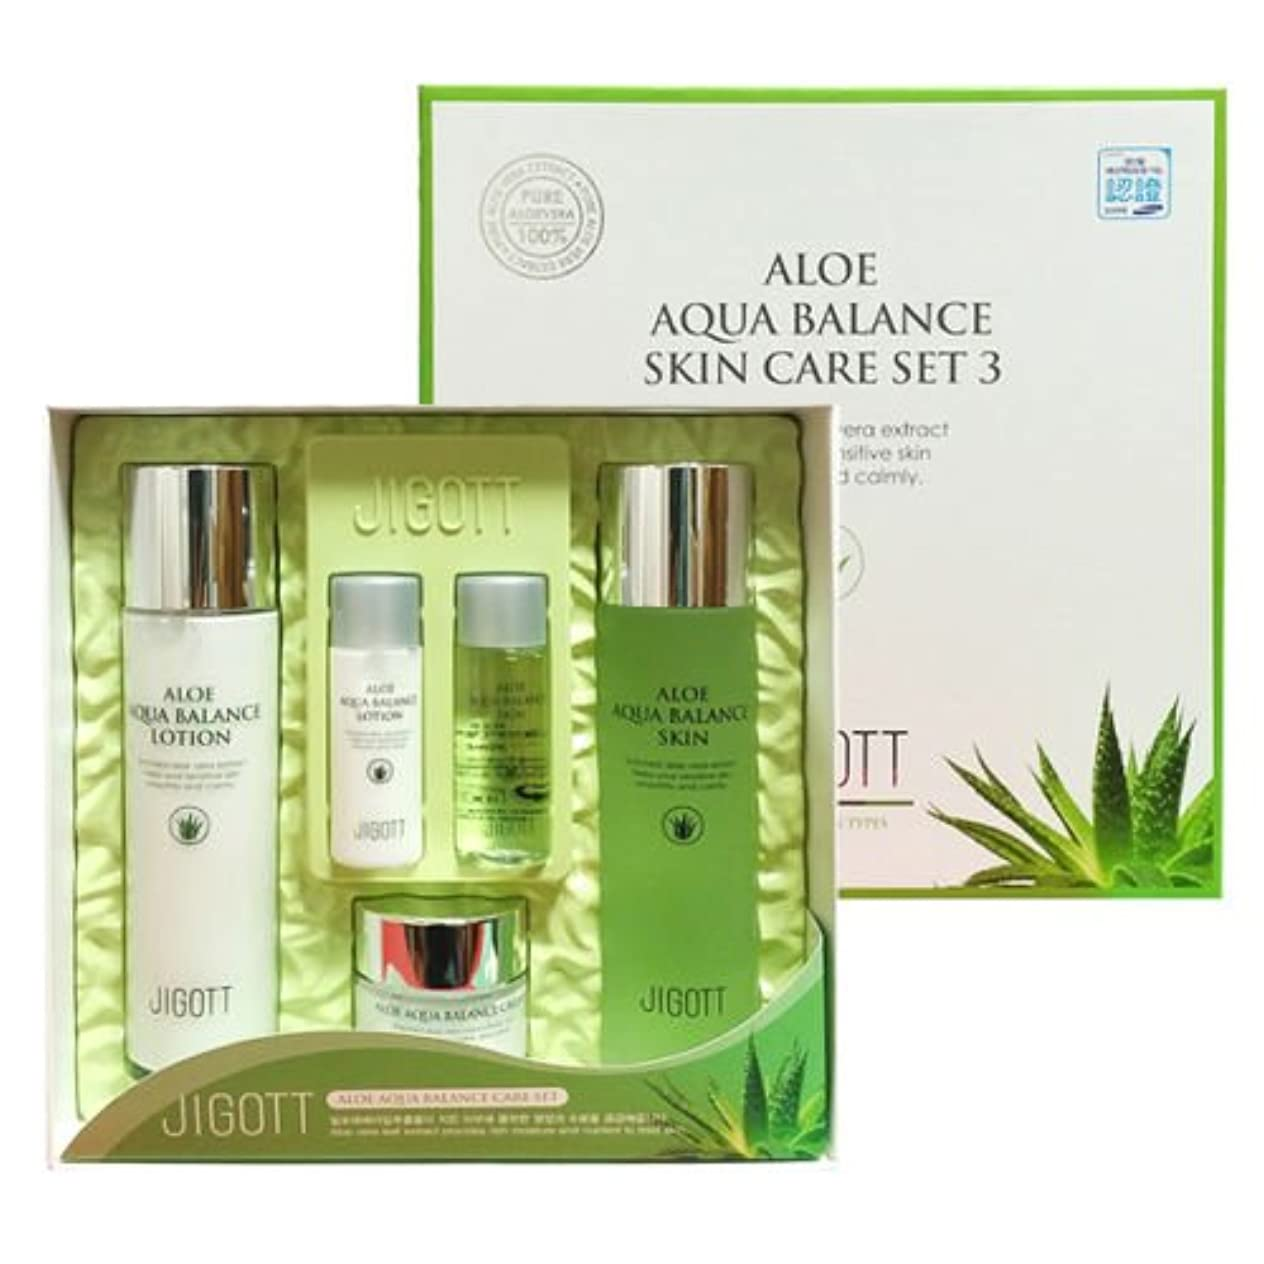 ダーベビルのテス非常に怒っていますベルジゴトゥ[韓国コスメJigott]Aloe Aqua Balance Skin Care 3 Set アロエアクアバランススキンケア3セット樹液,乳液,クリーム [並行輸入品]